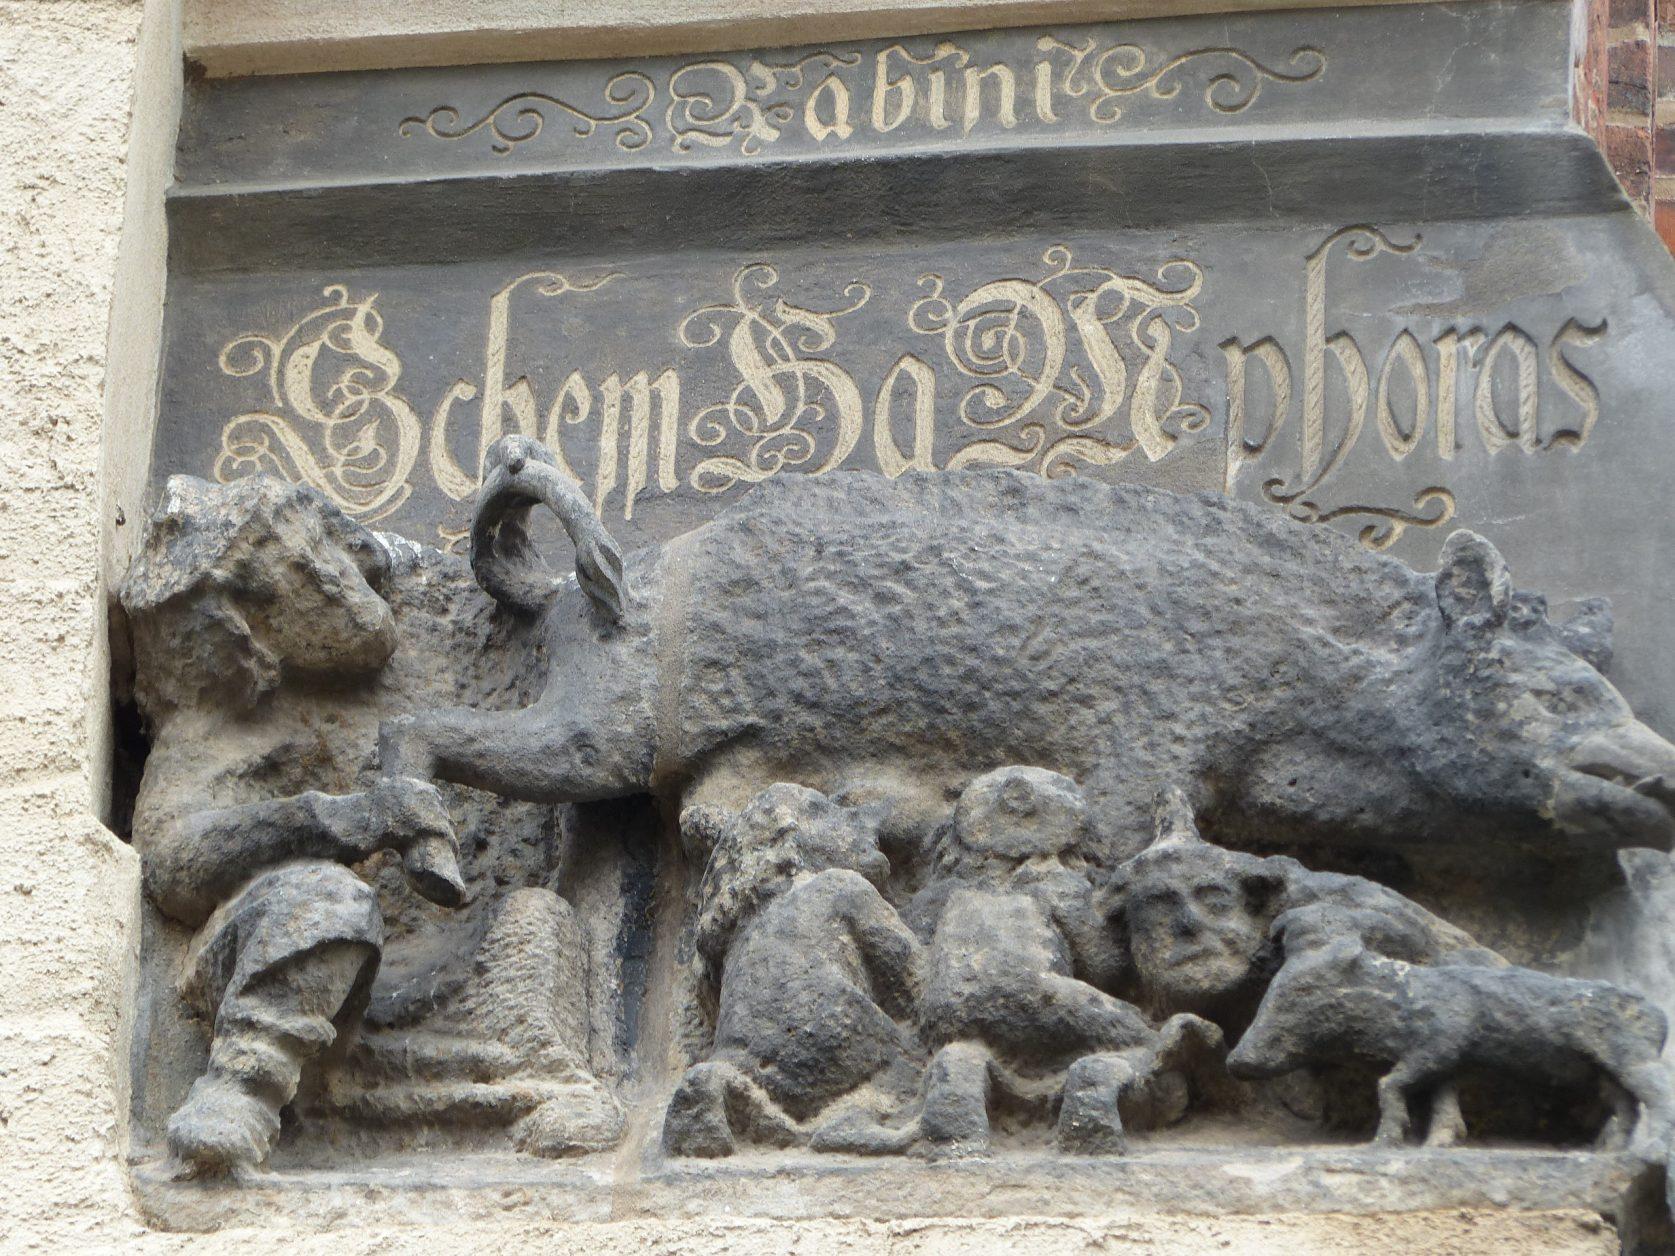 Plastisch-bildhafte Darstellung der zeitgenössischen Judensau an der Außenwand. Foto: D.Weirauch